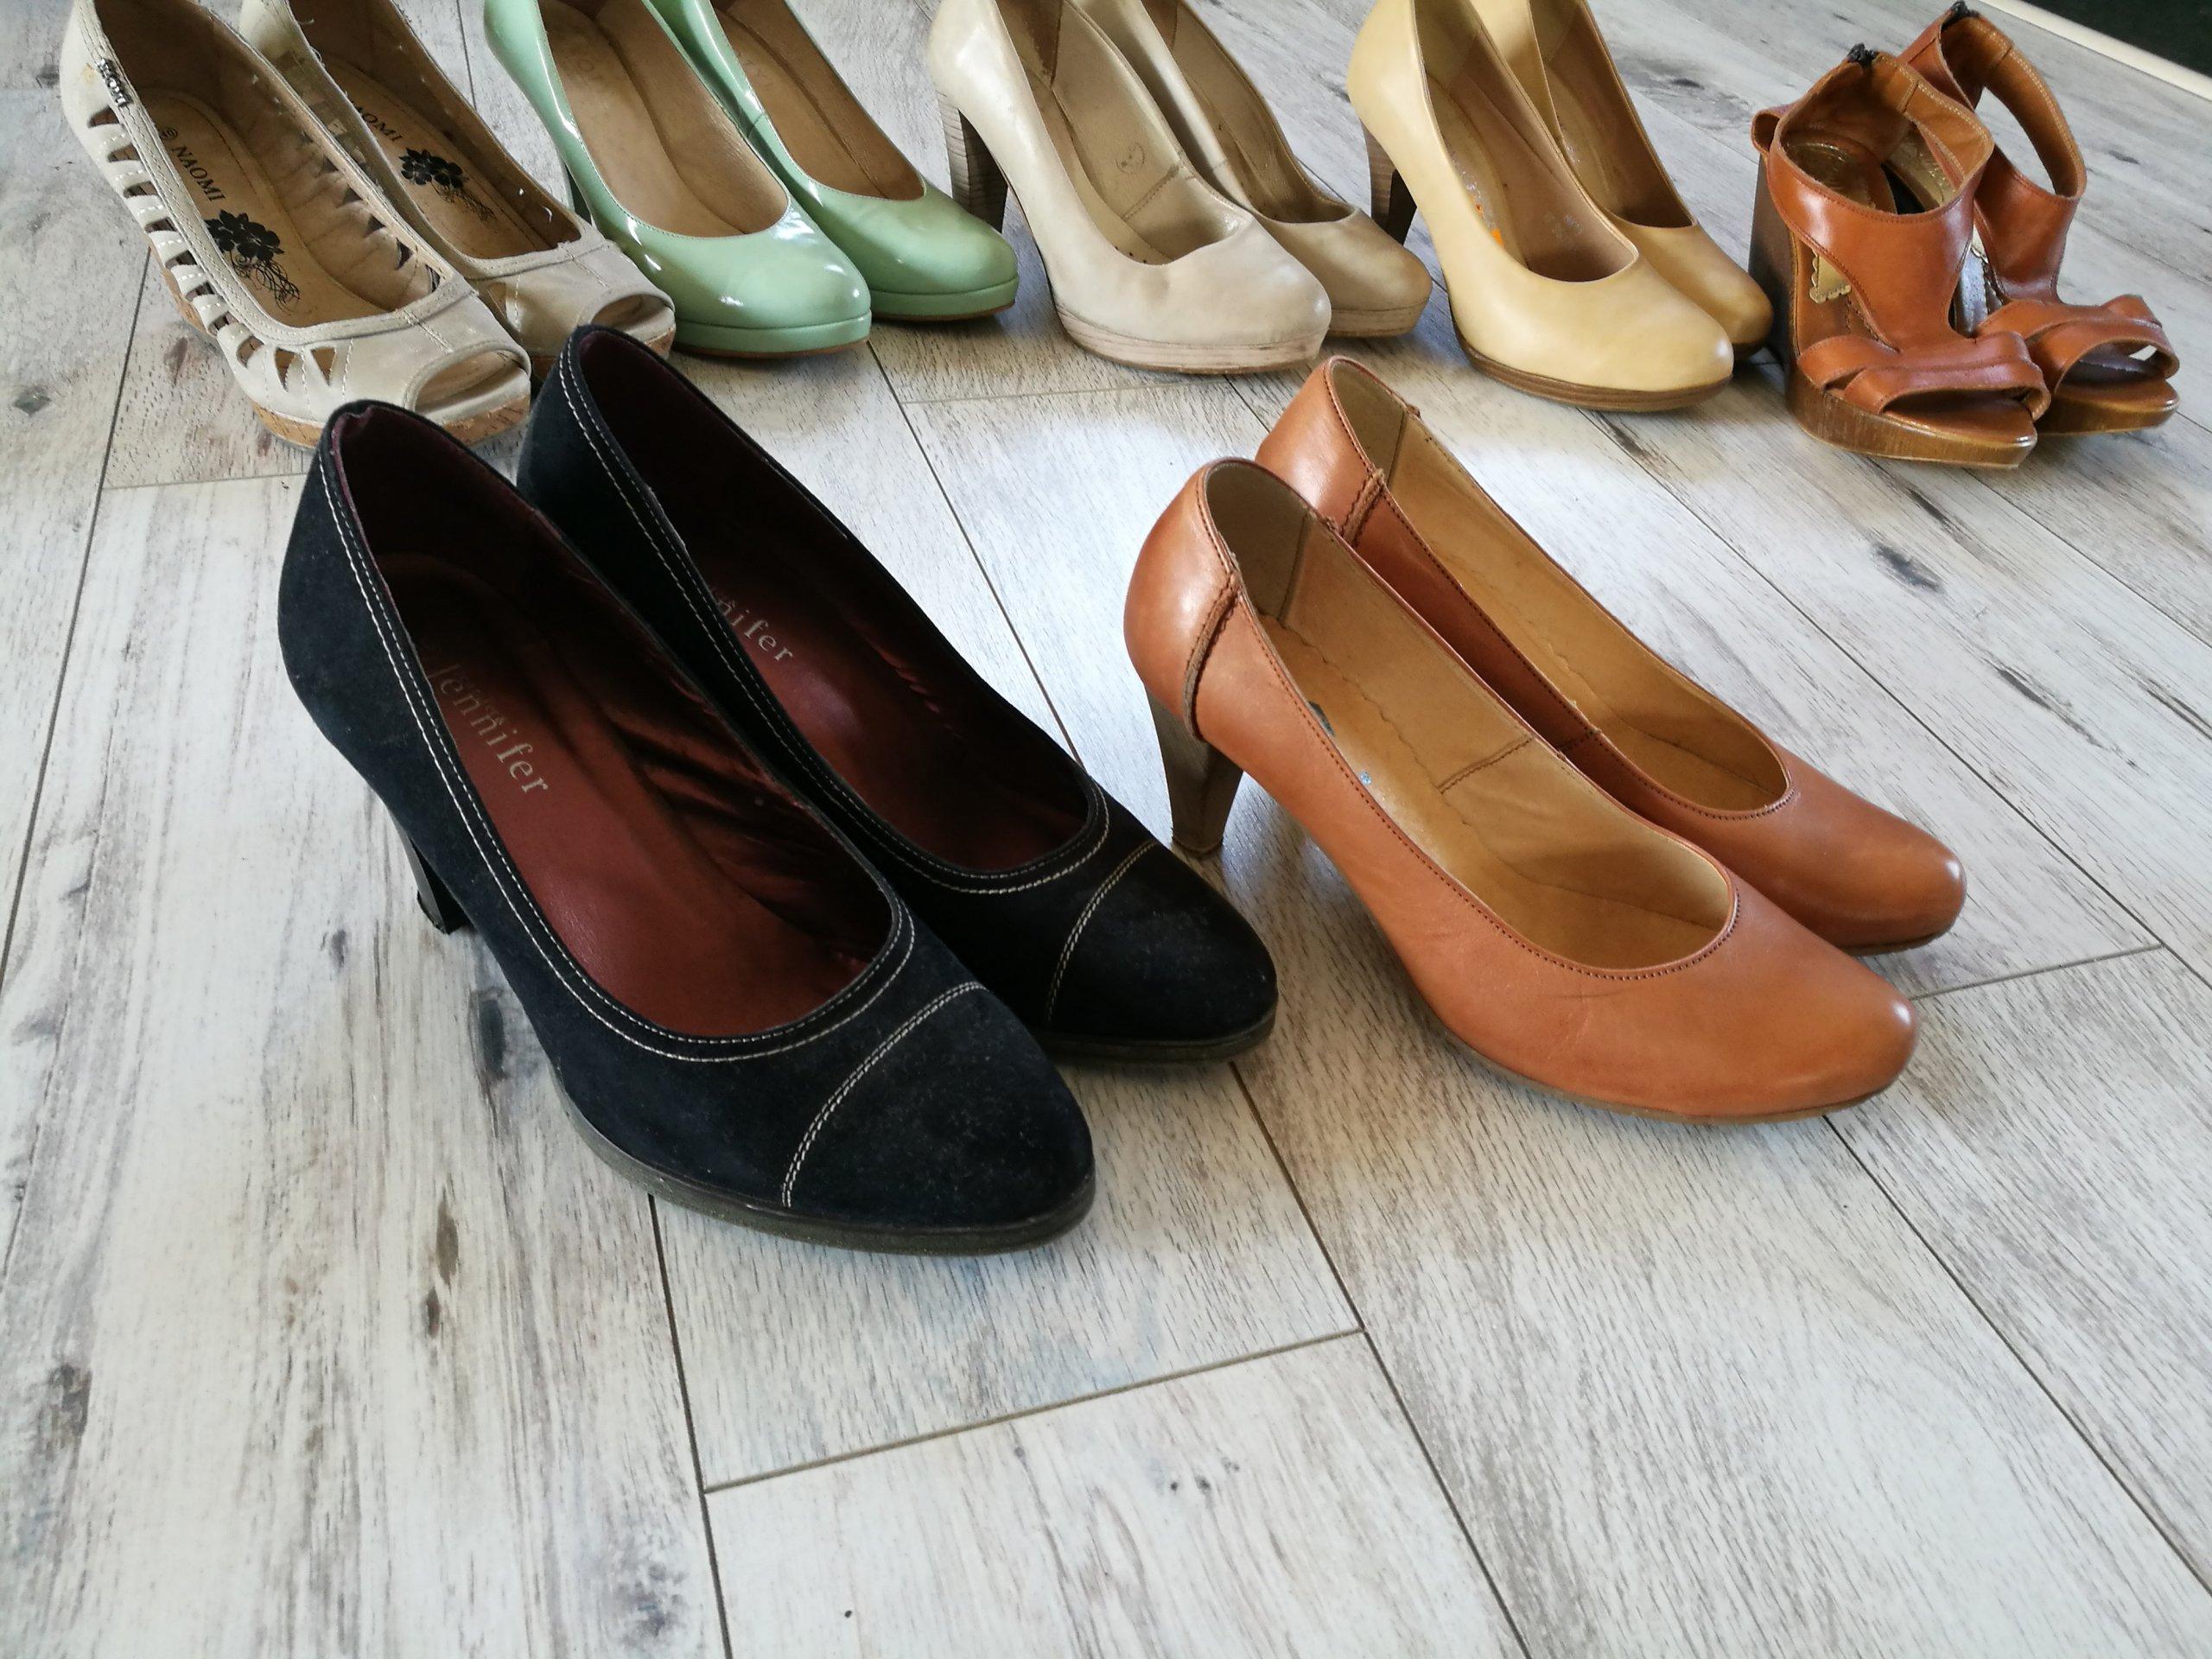 dwie pary_skórzane wygodne buty n obcasie_camel_40